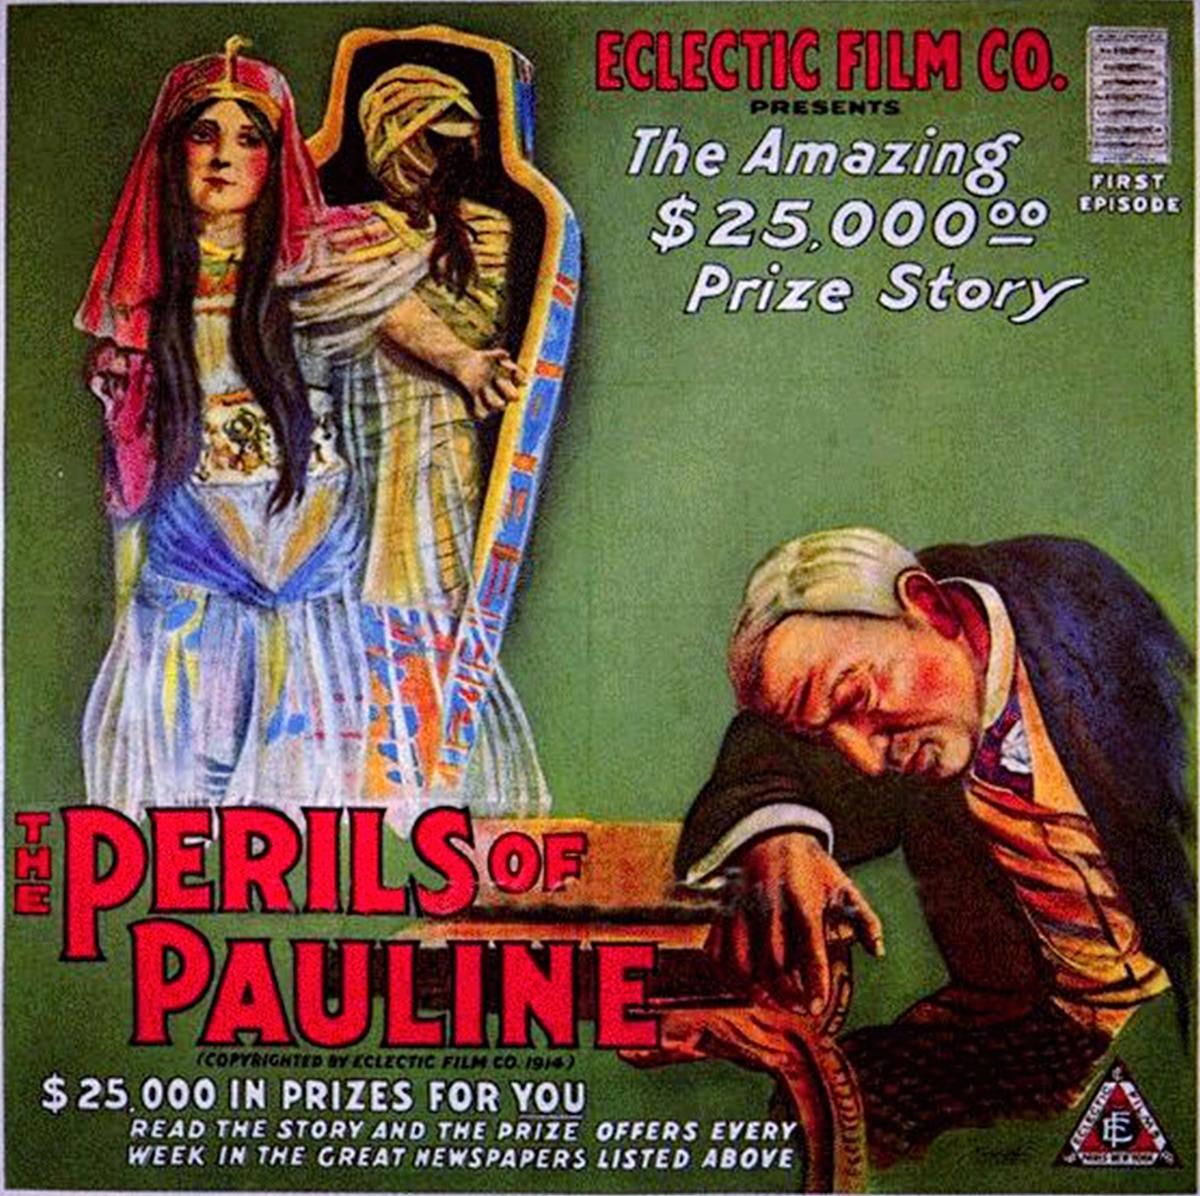 d1277d5bbb8da657113d611432c6384c--pauline-movie-postersC